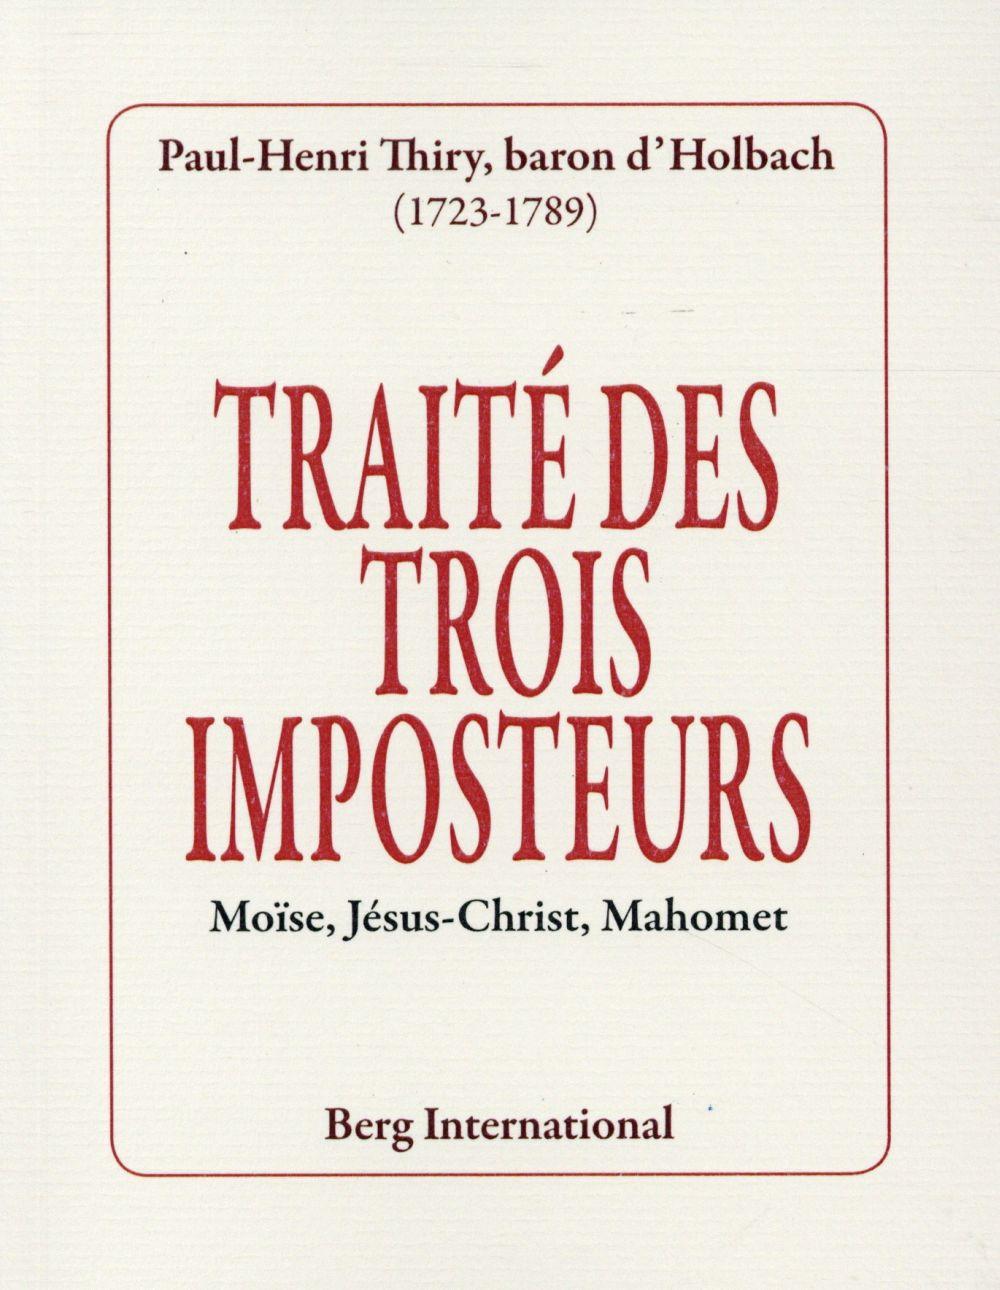 Traité des trois imposteurs ; Moïse, Jésus-Christ, Mahomet